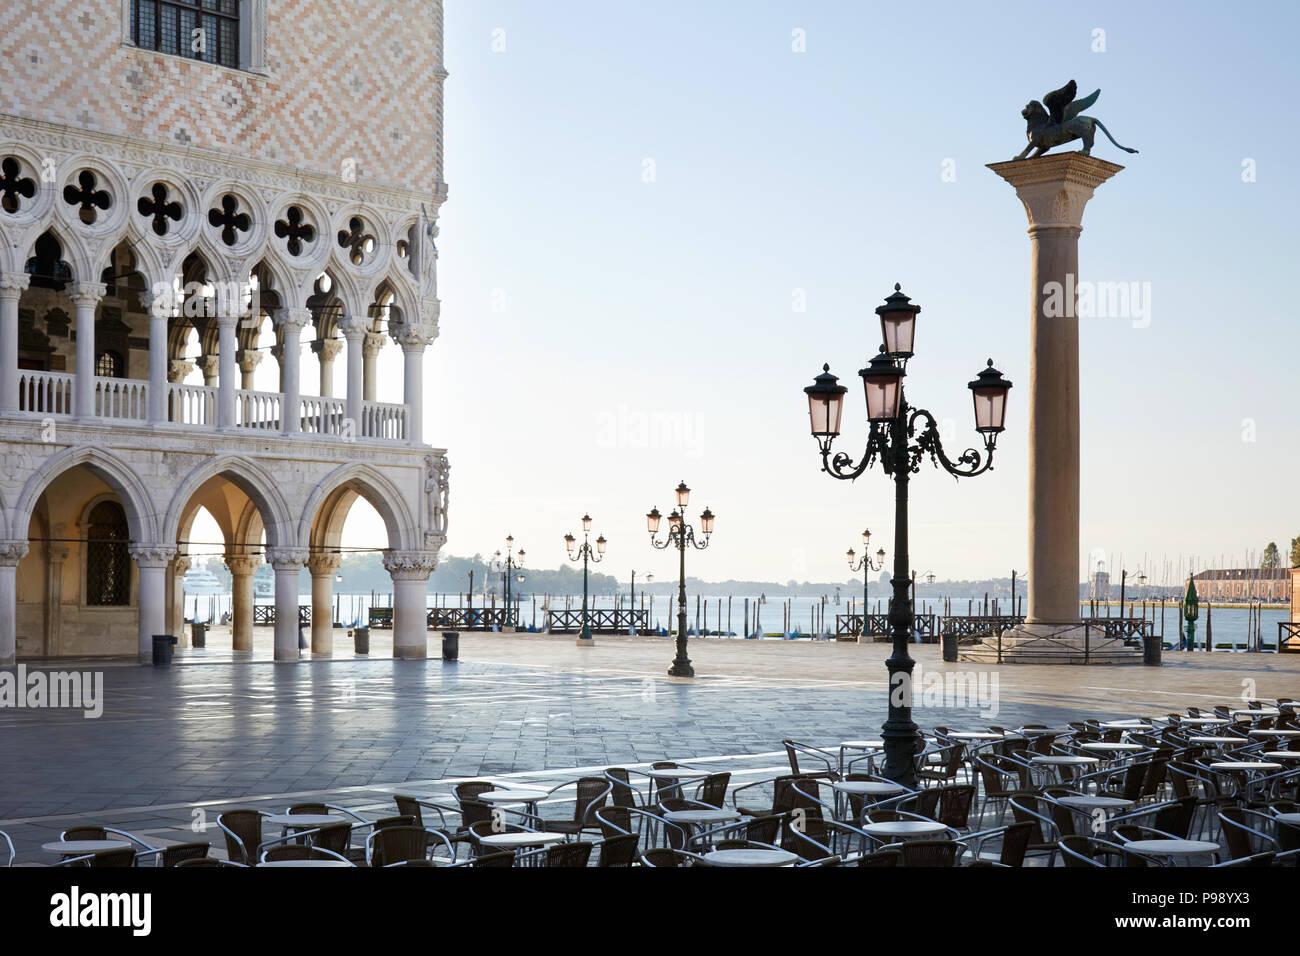 La place San Marco au lever du soleil, personne à Venise, Italie Photo Stock